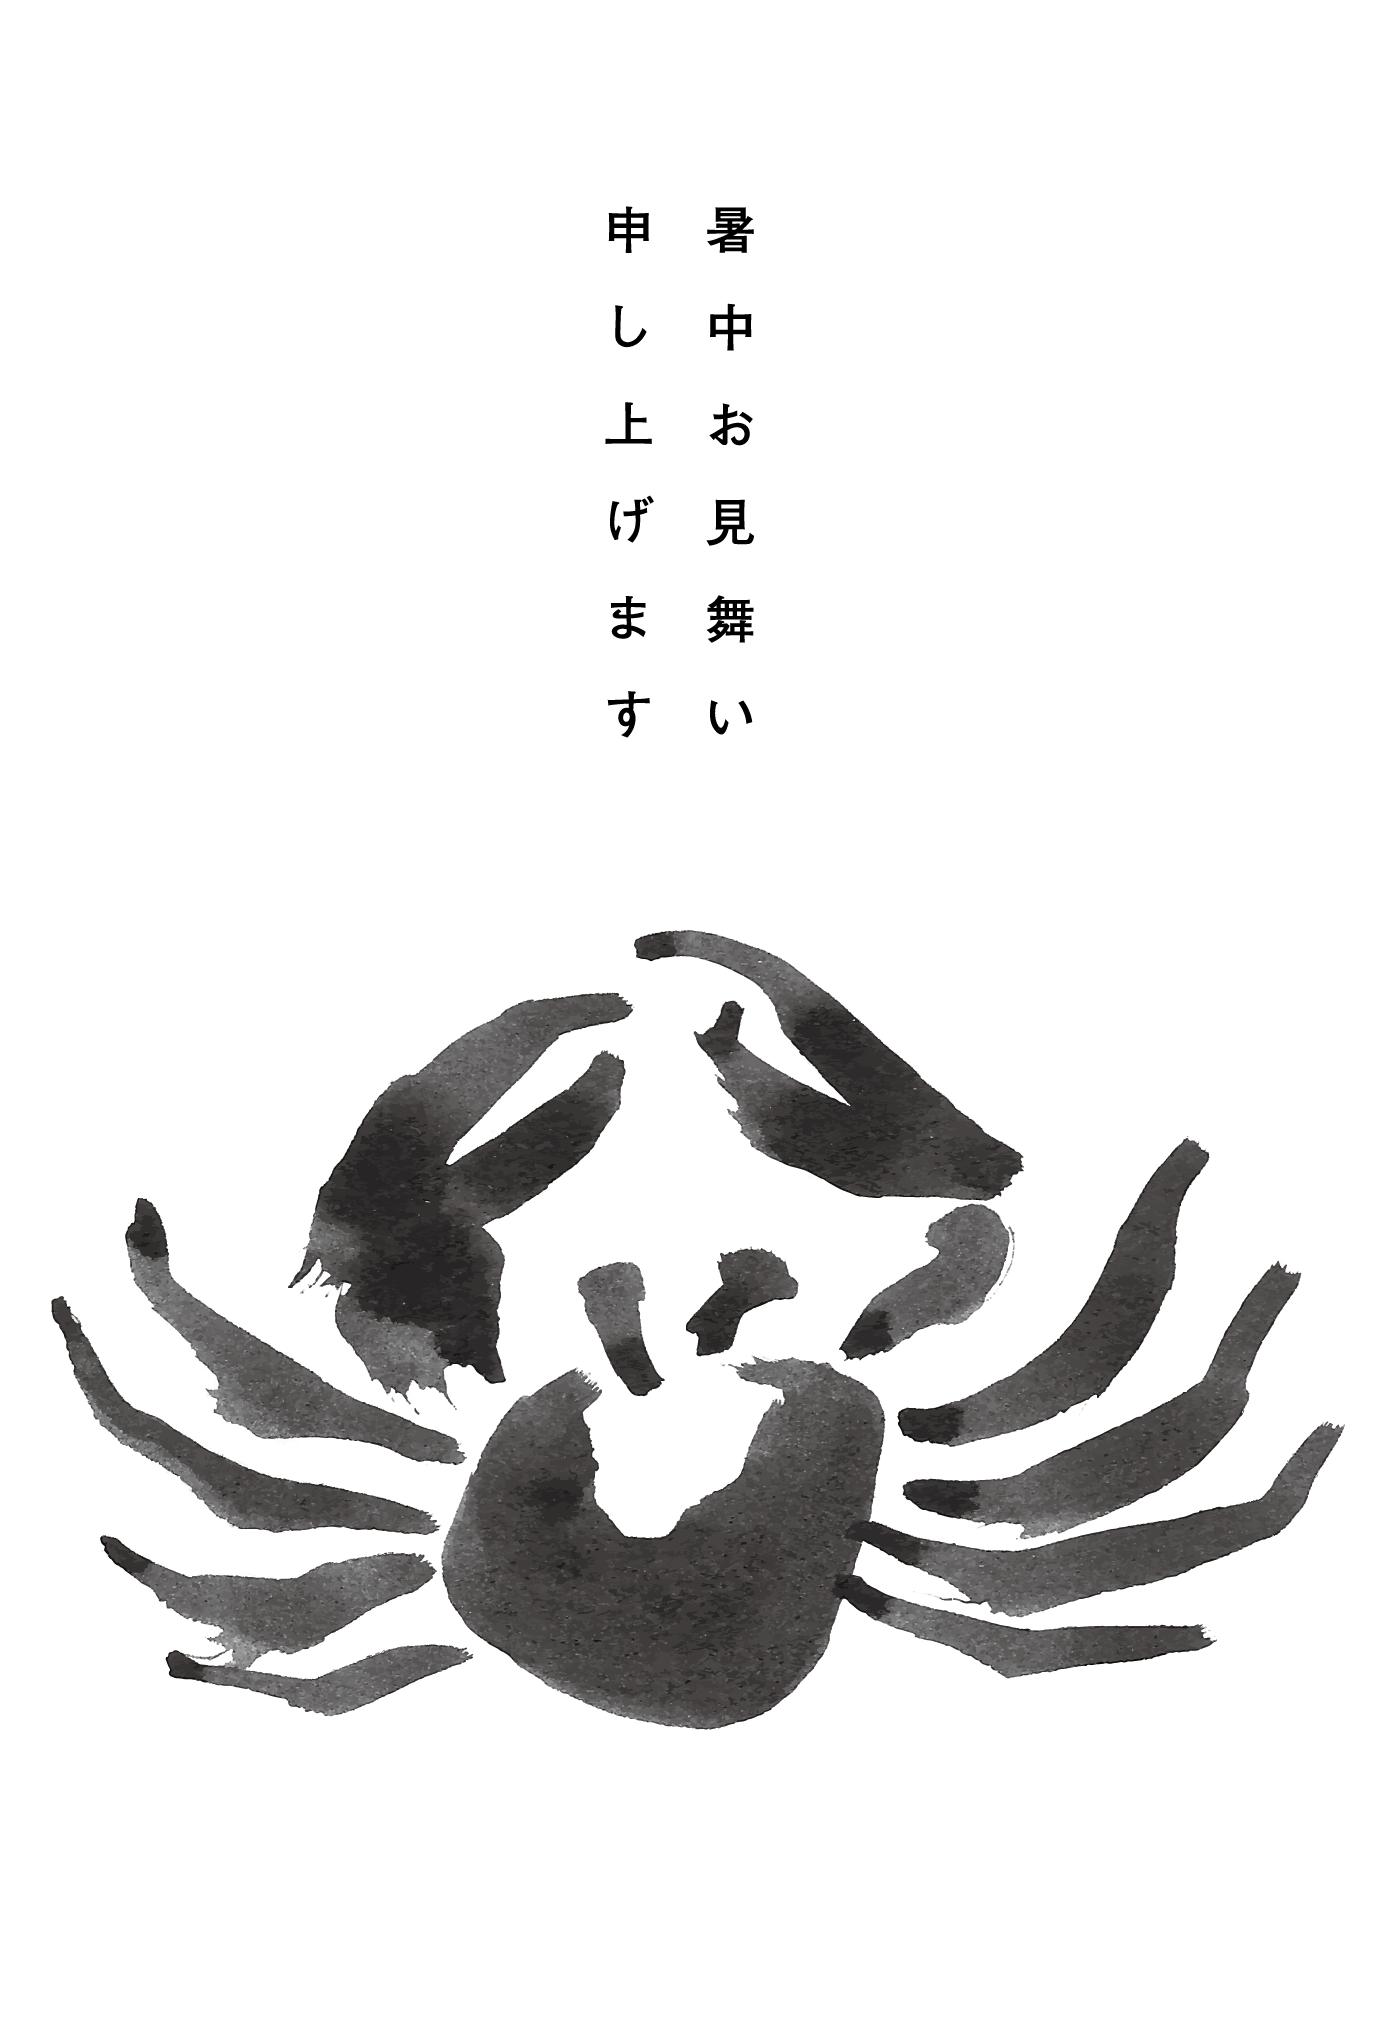 サマーカード42:暑中見舞い(蟹)のダウンロード画像